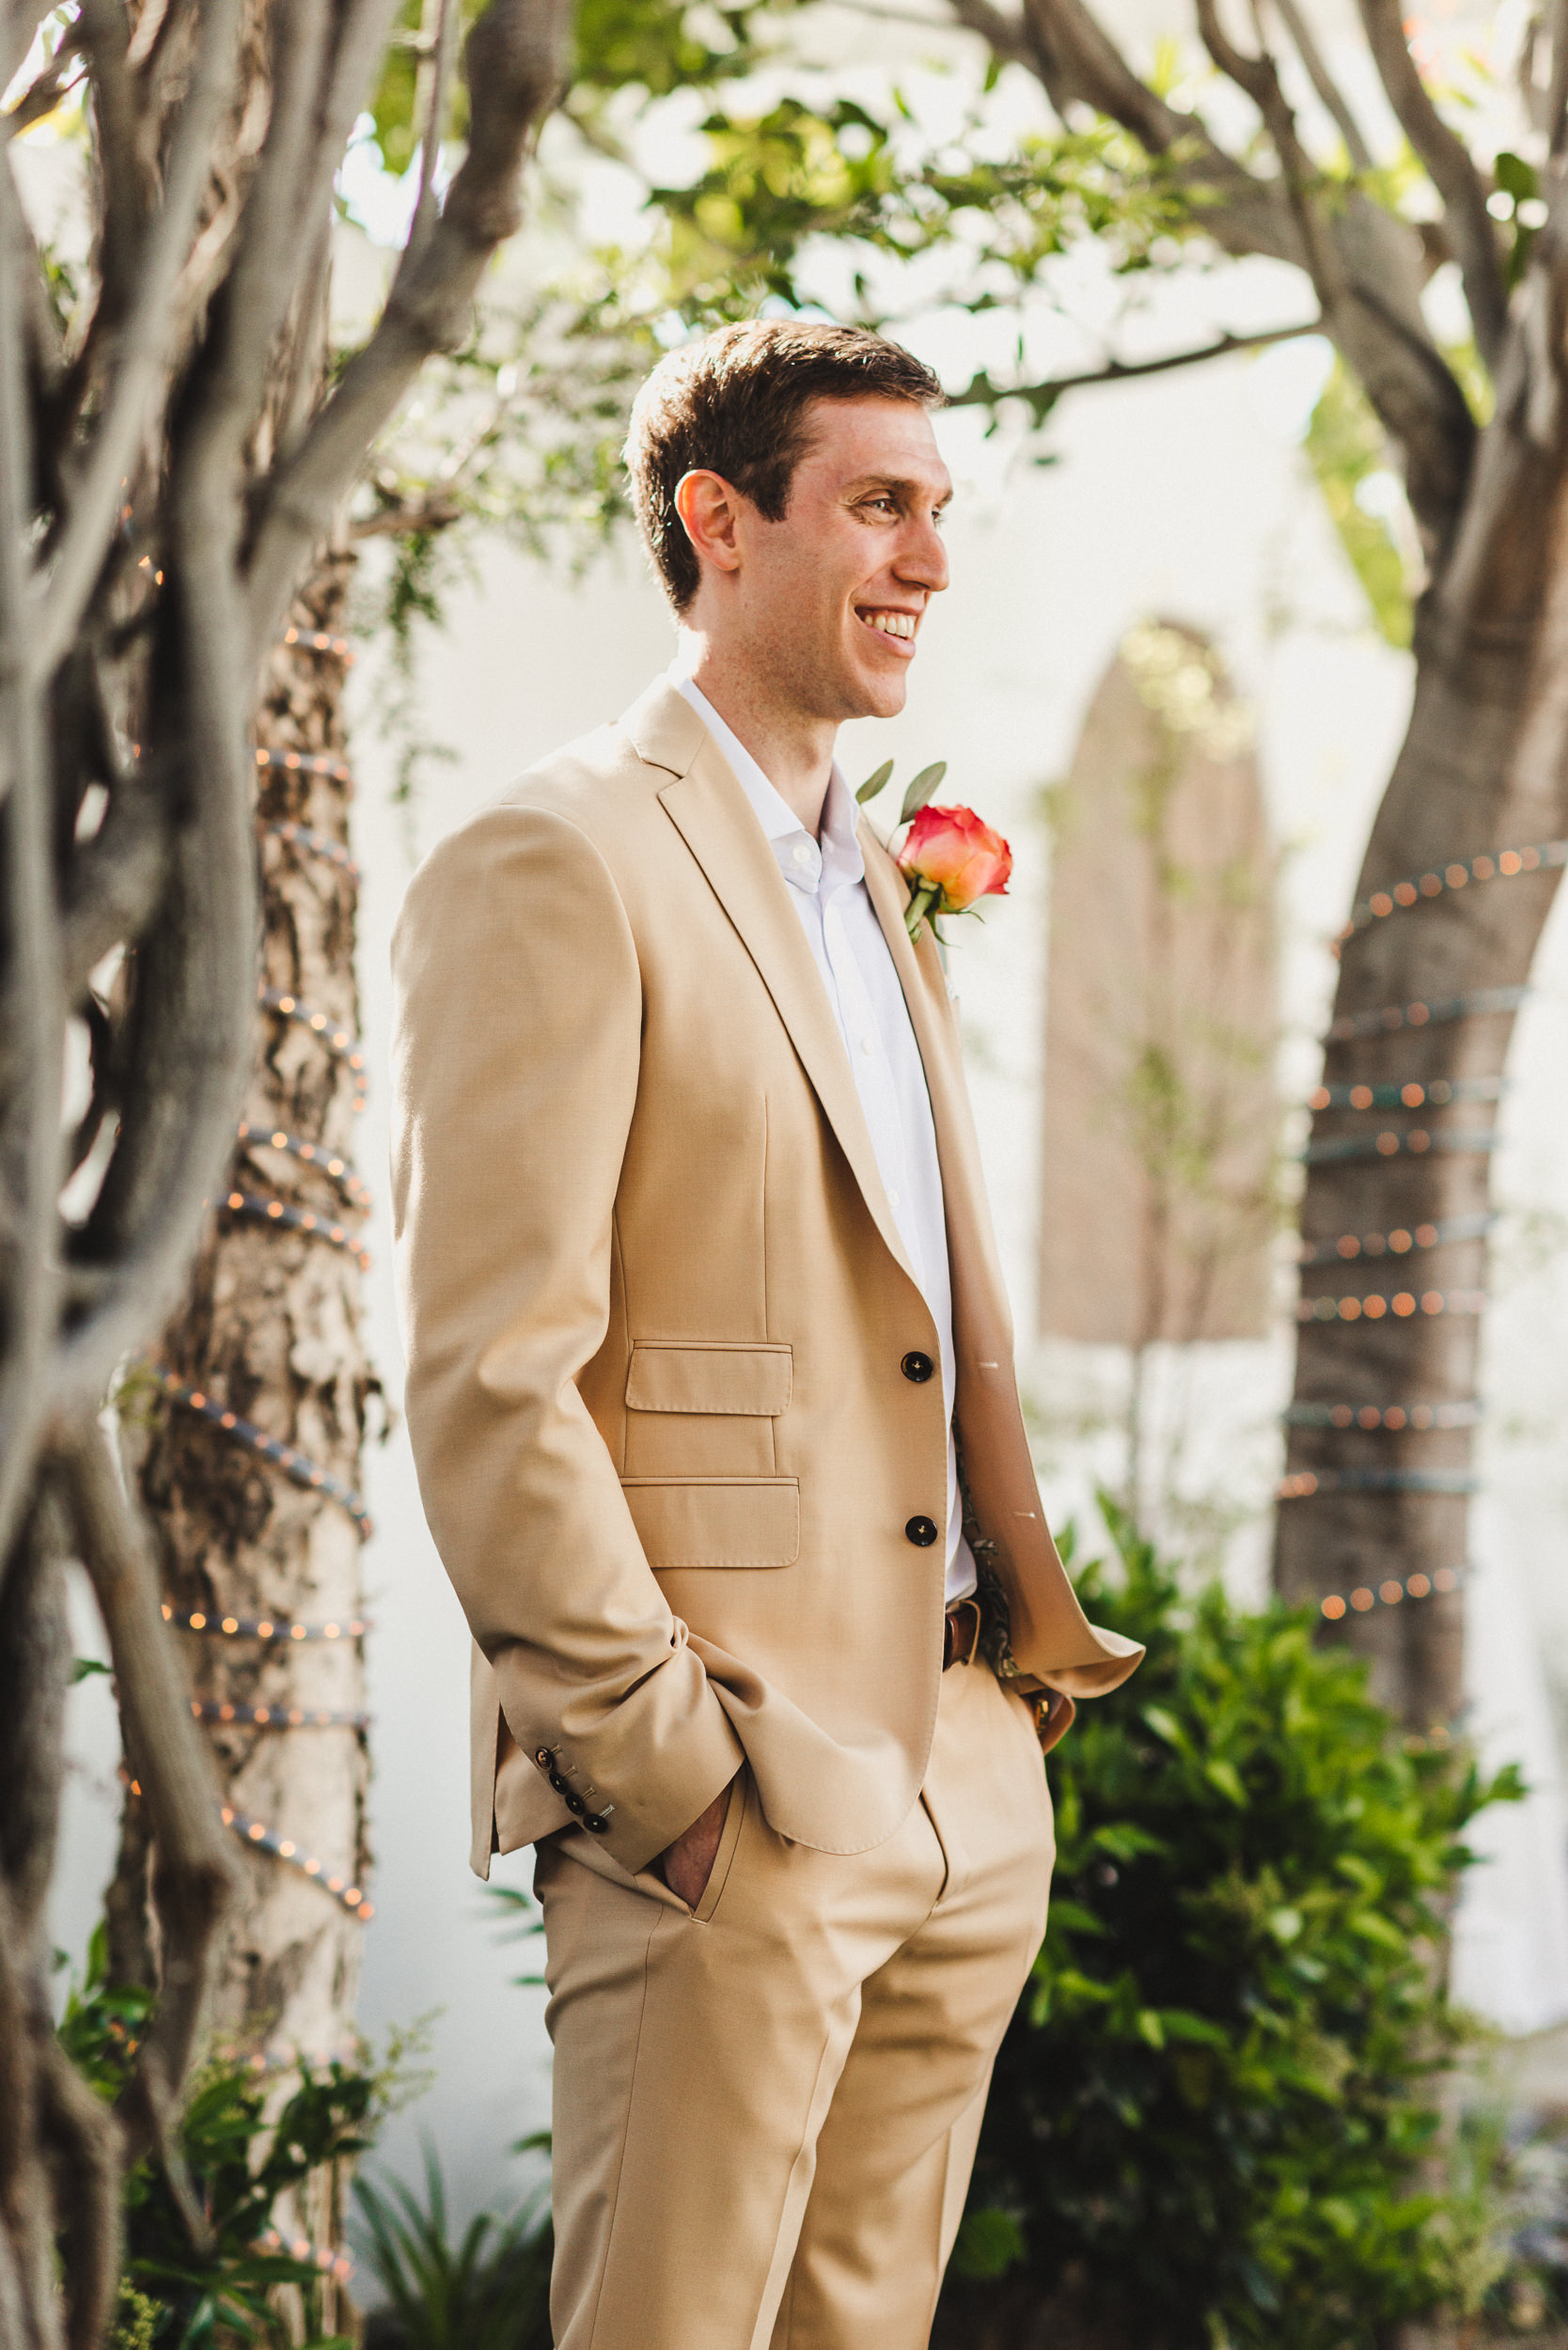 sL + E - Verandas Manhattan Beach - 04 Bridal Portraits-28.jpg